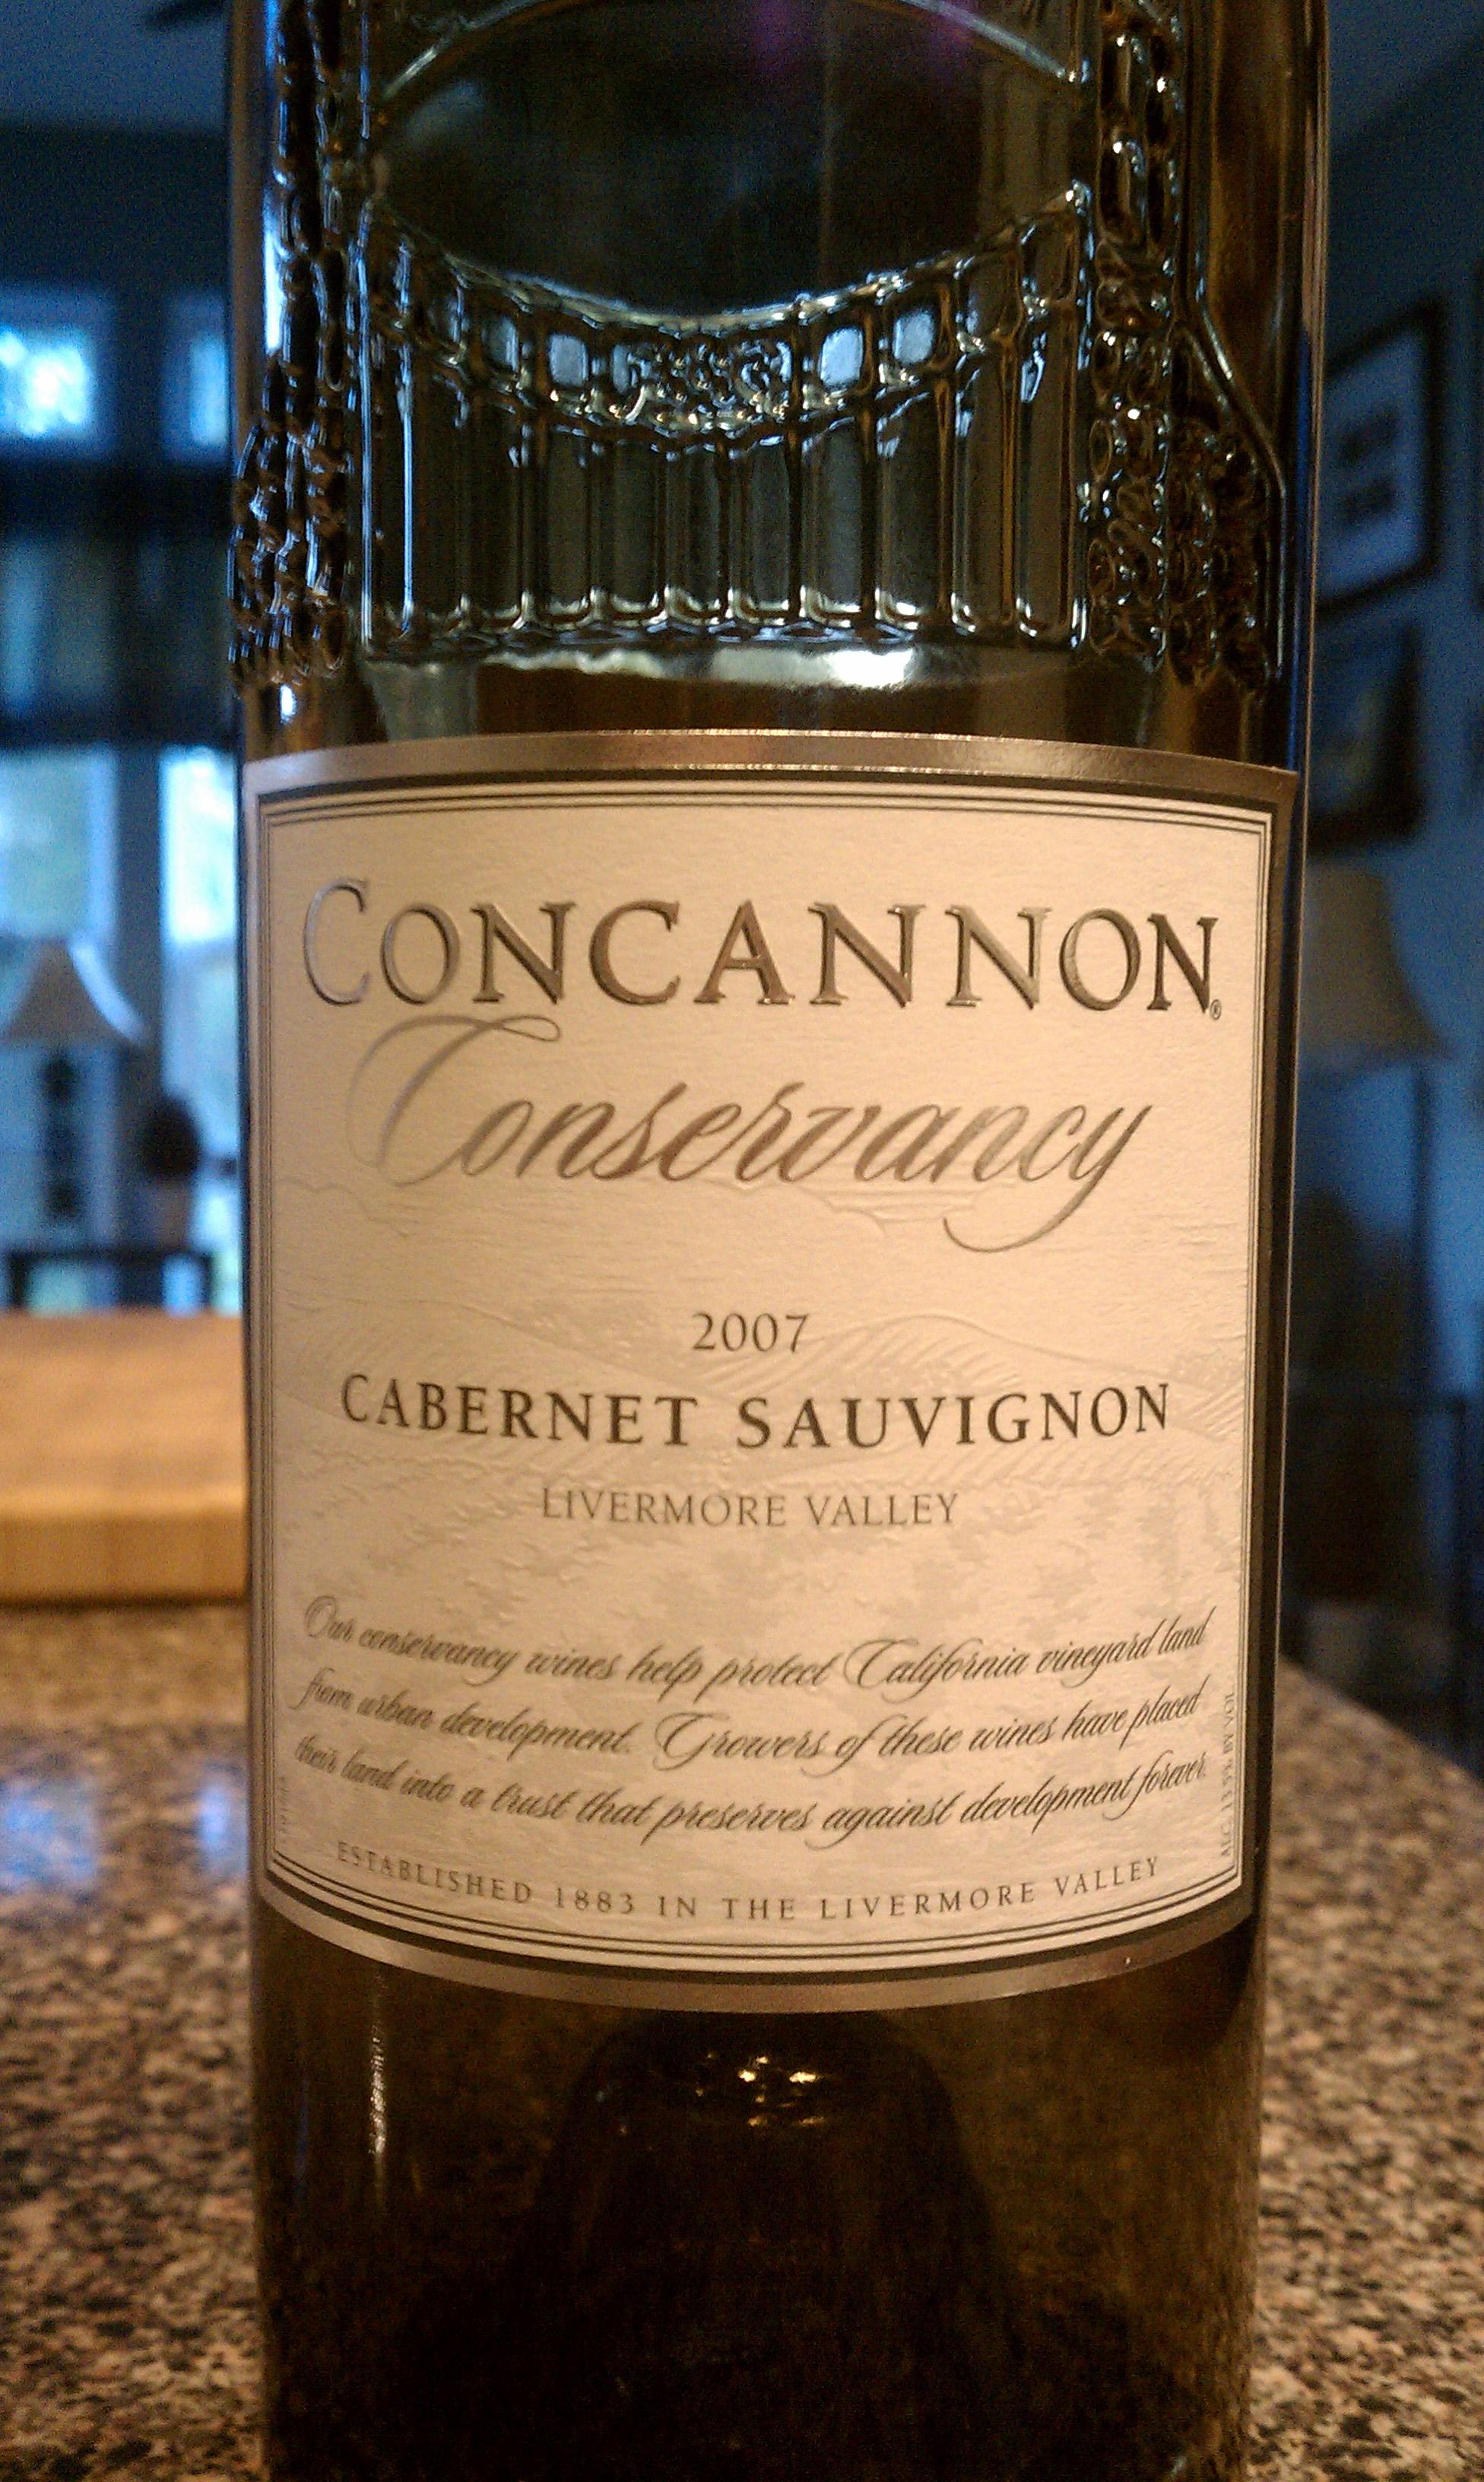 2007 Concannon Conservancy Cabernet Sauvignon